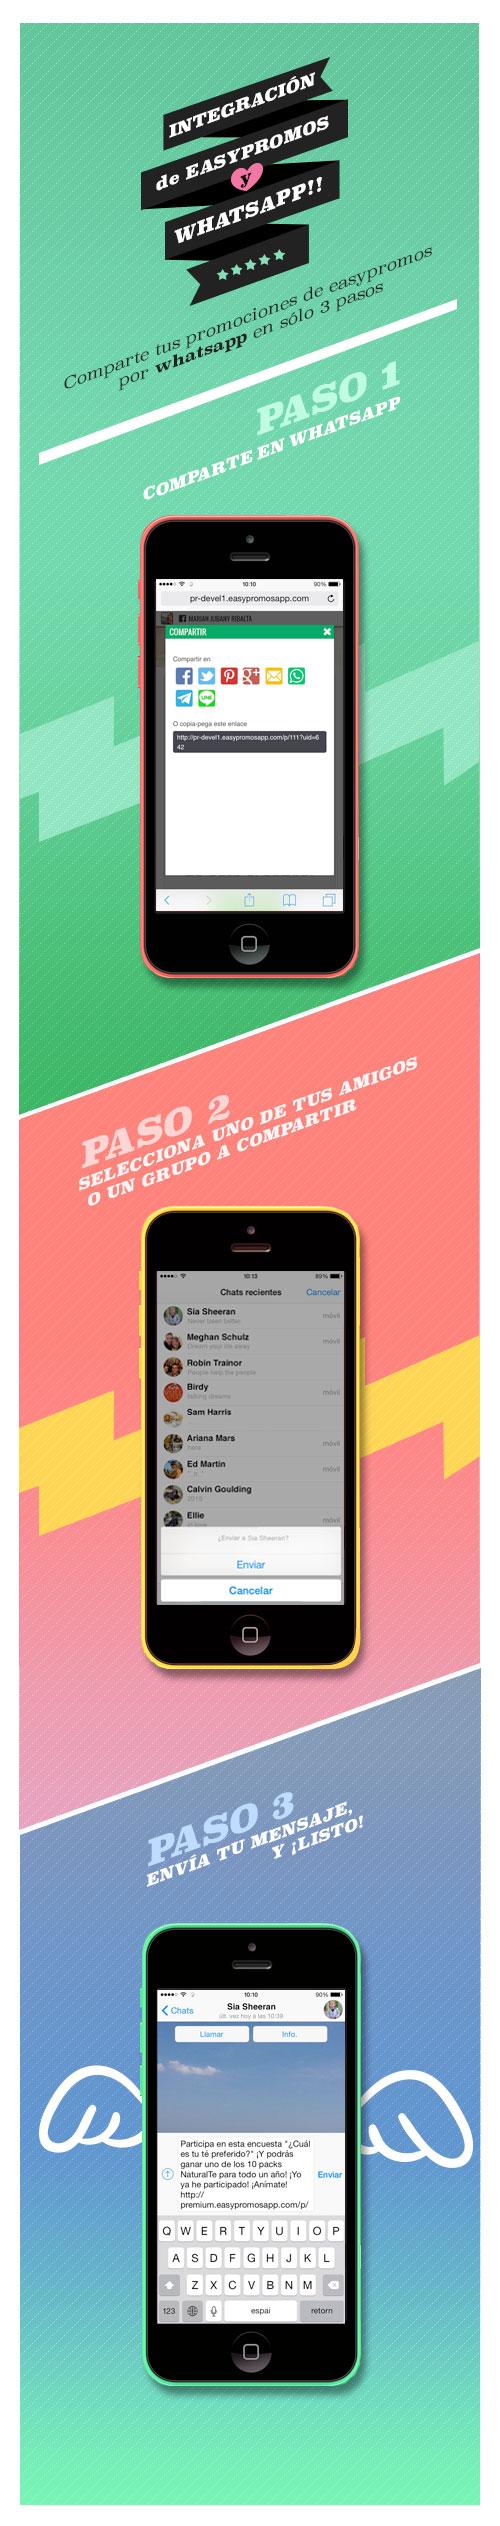 Compartir e invitar a través de Whatsapp - Infografía Easypromos